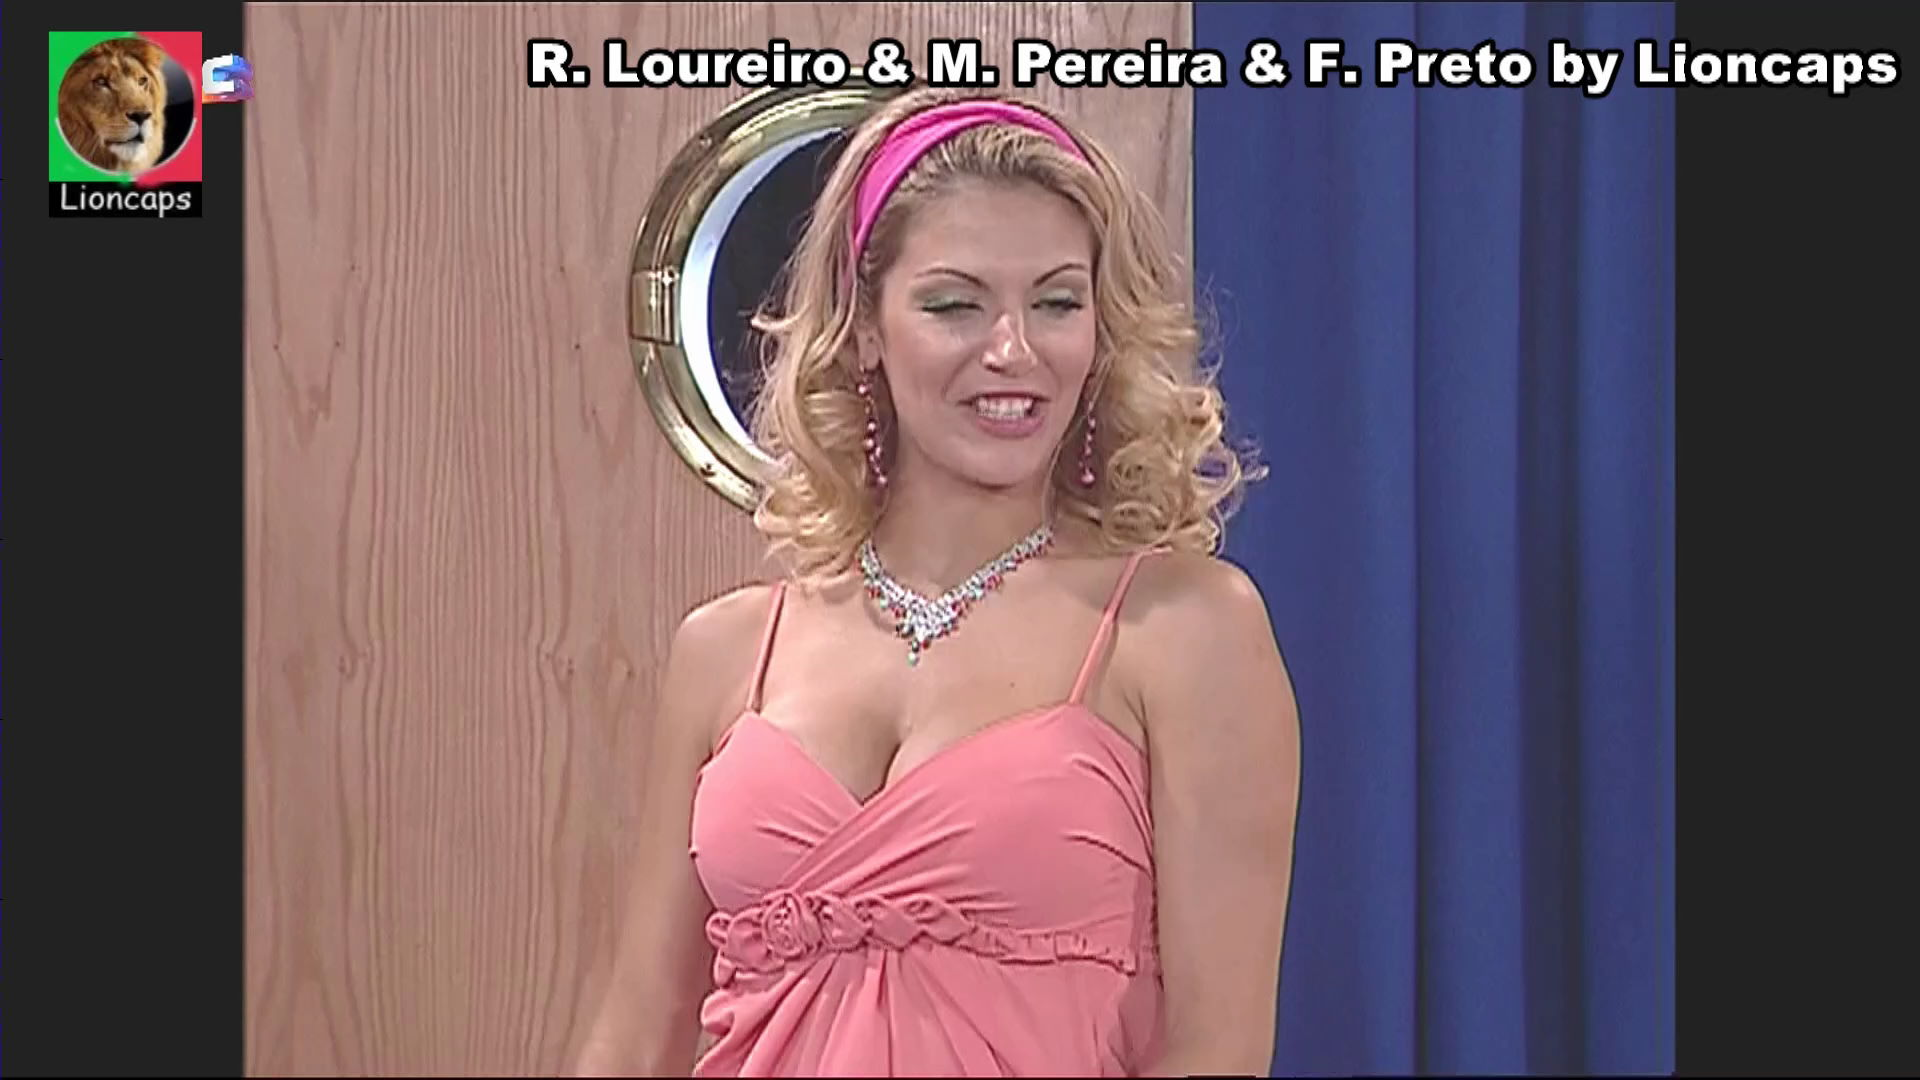 508049586_marta_pereira_vs190614_00958_122_556lo.JPG